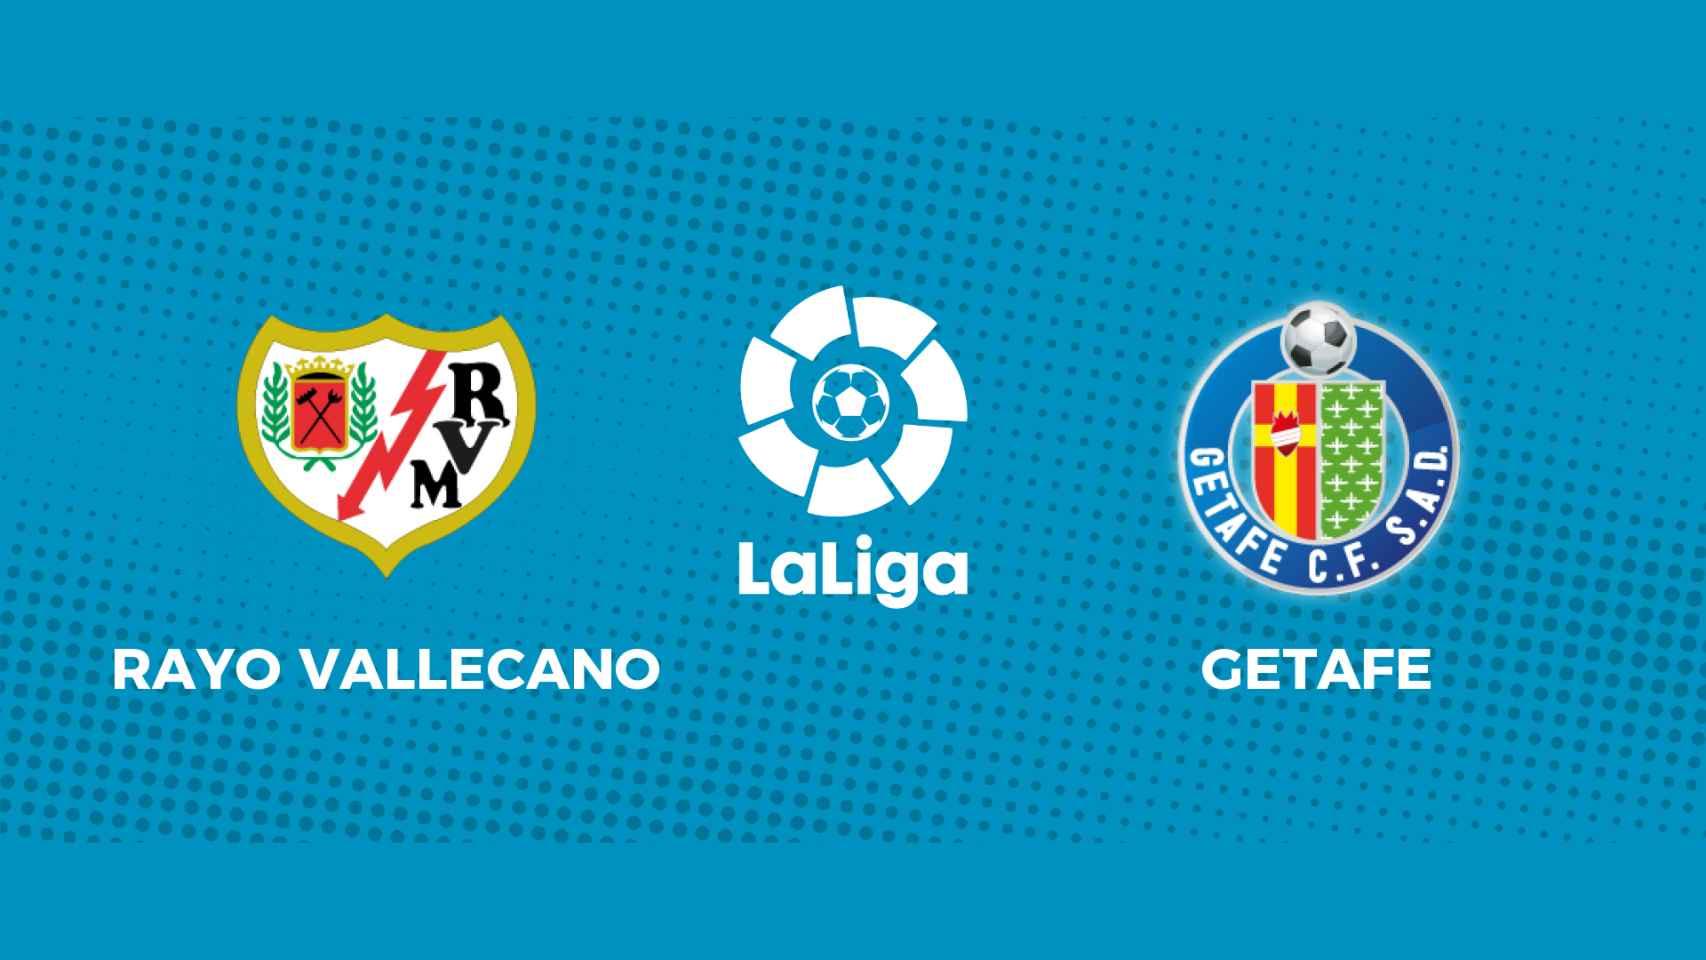 Rayo Vallecano - Getafe: siga en directo el partido de La Liga